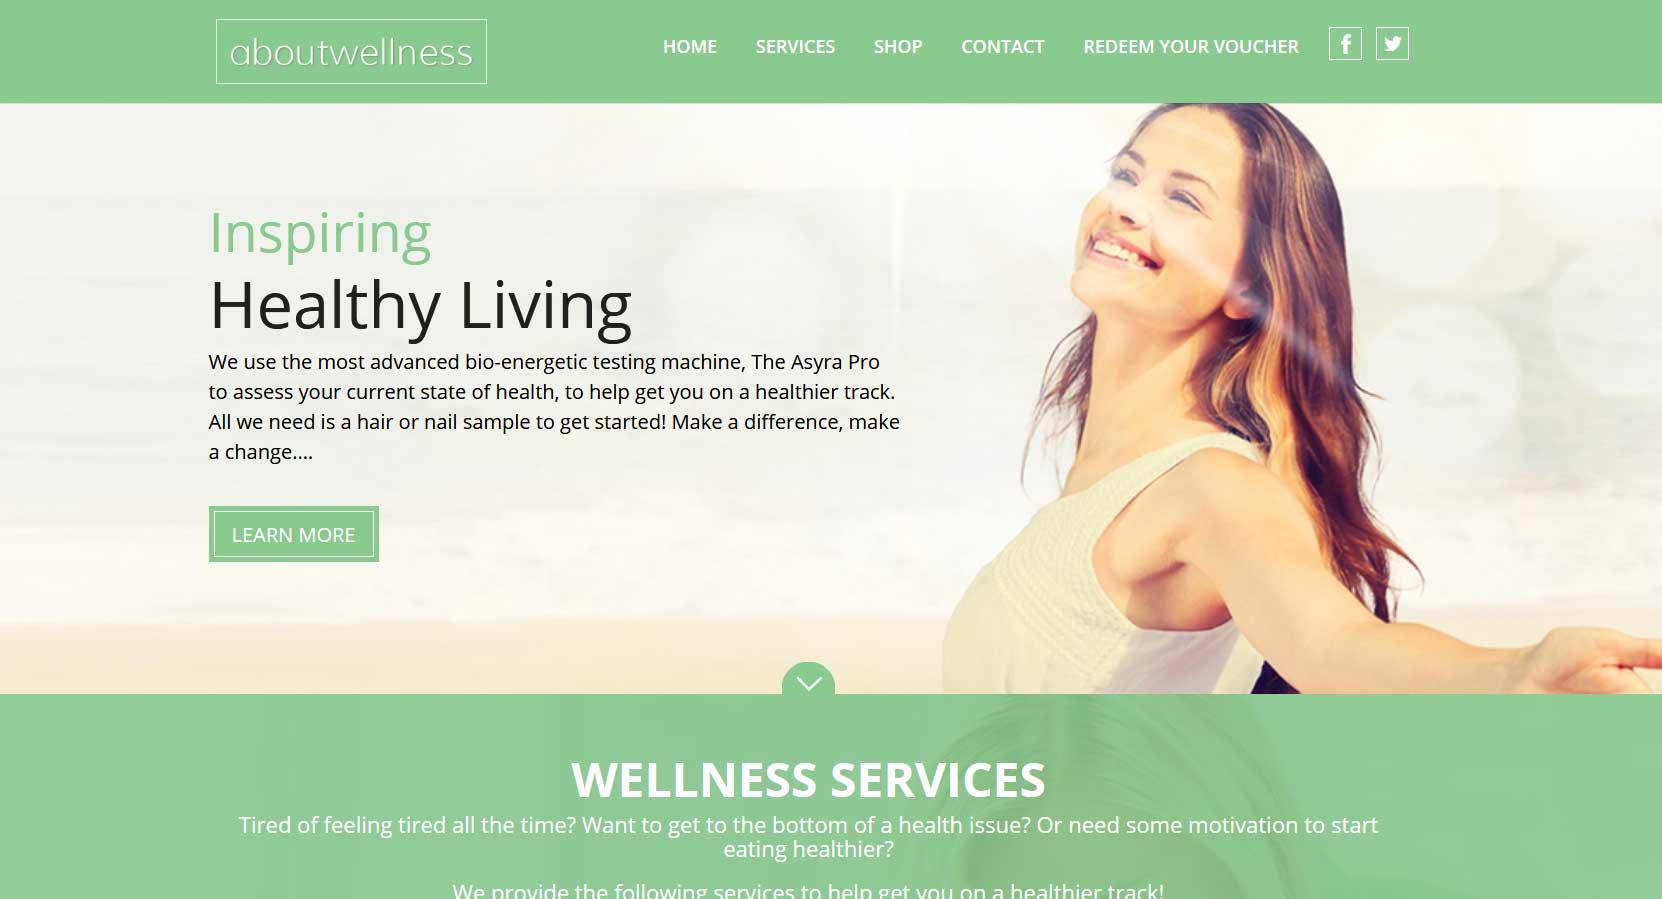 Wellness-Inspiring-Healthy-Living